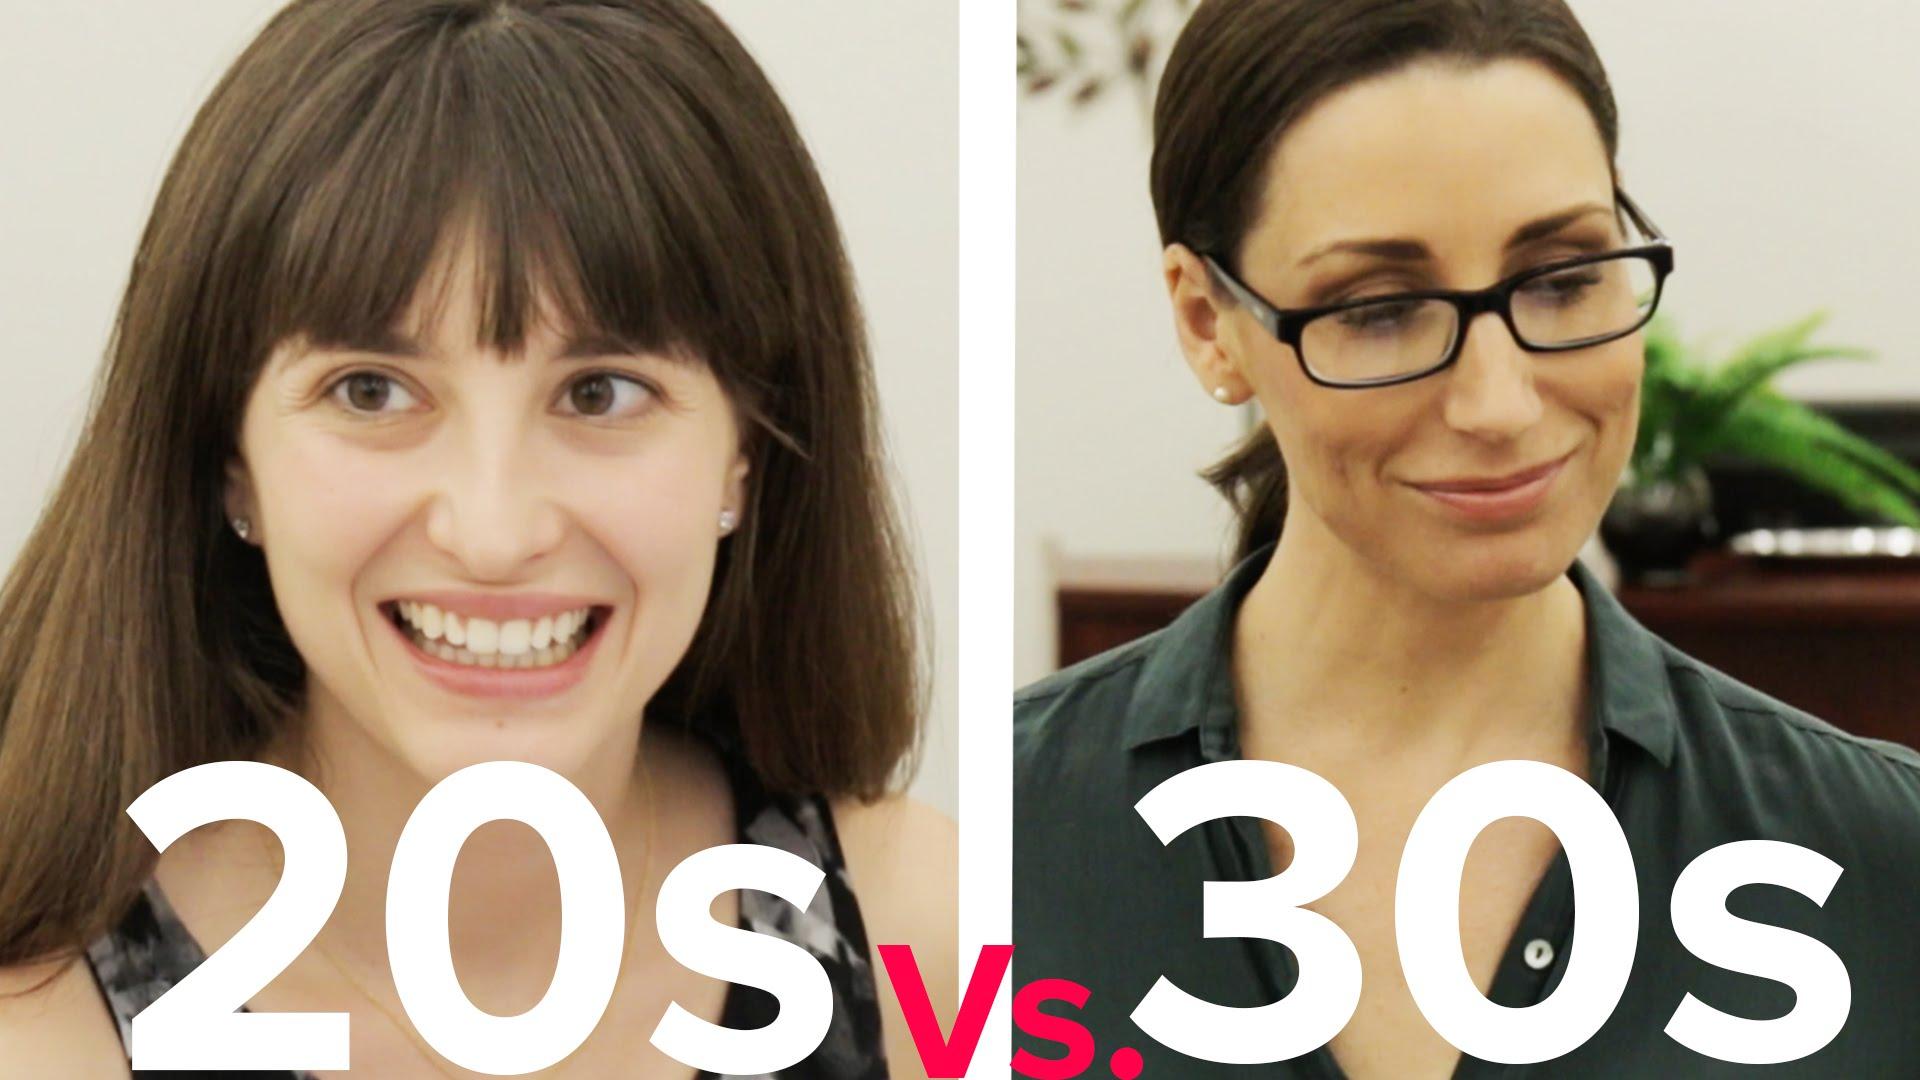 「徹底比較ヤングな20代 vs 大人な30代のデート」- Dating: 20s vs. 30s